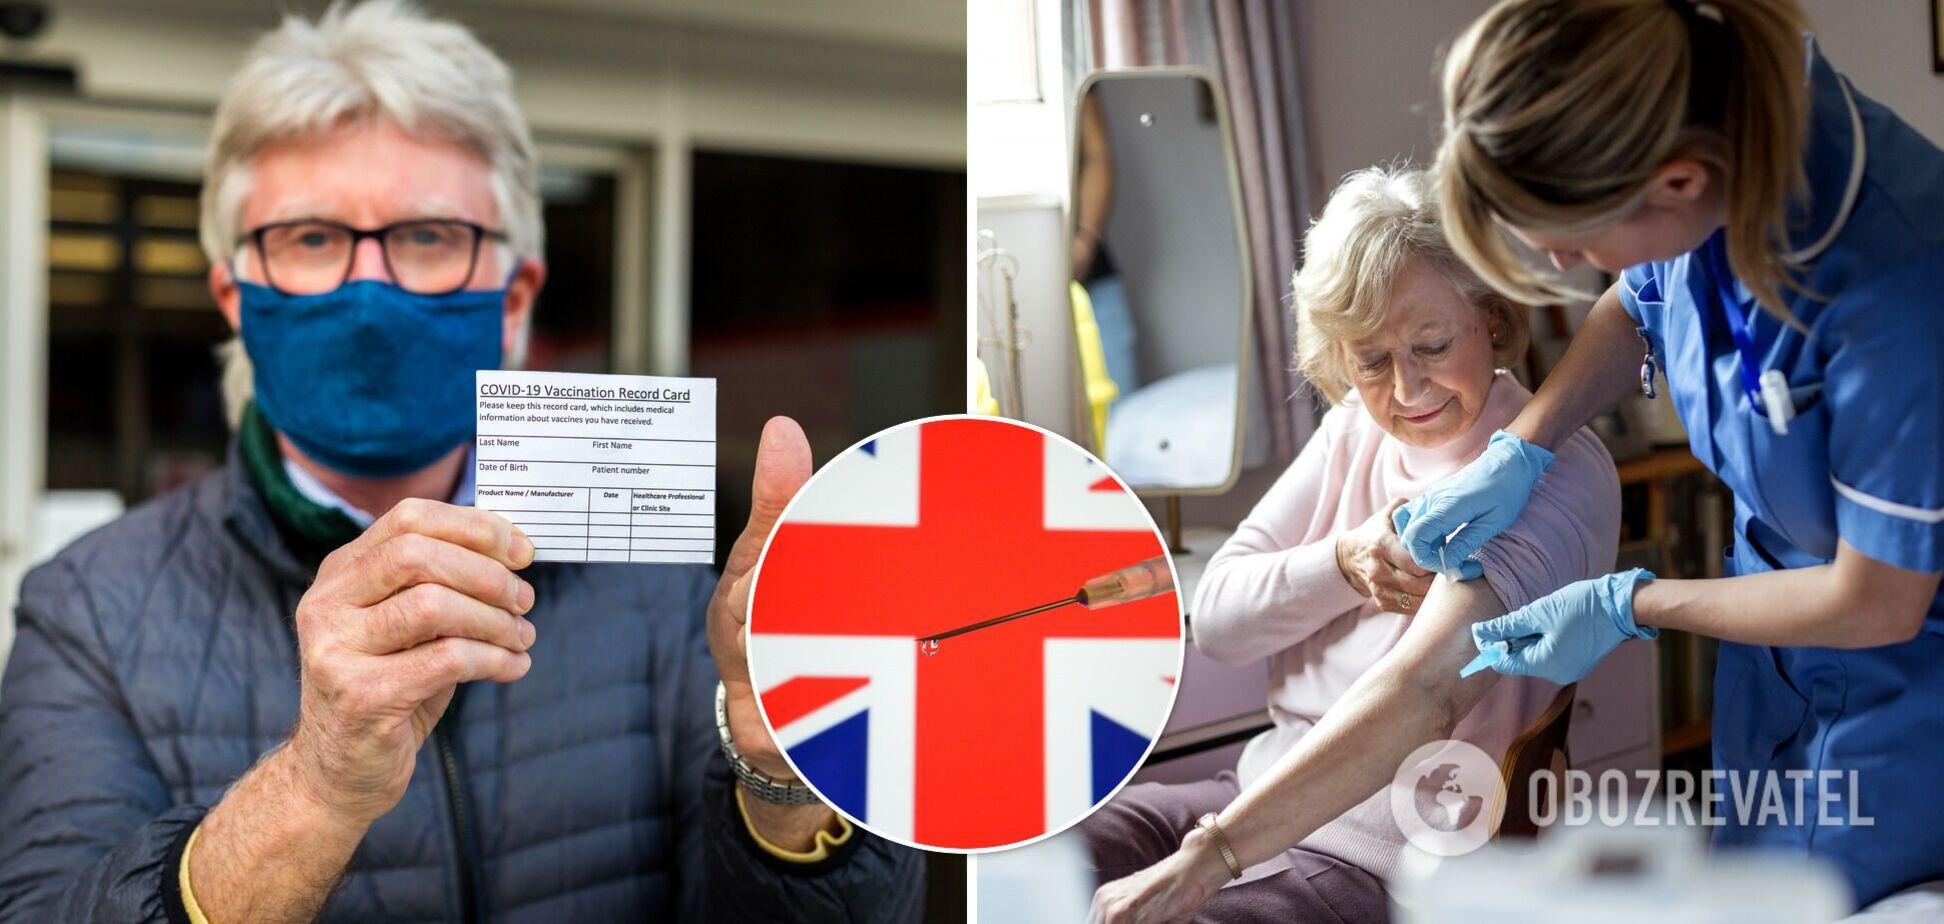 'Надоело сидеть на карантинах!' Британцы массово делают прививки от COVID-19, чтобы выйти из изоляции. Эксклюзив